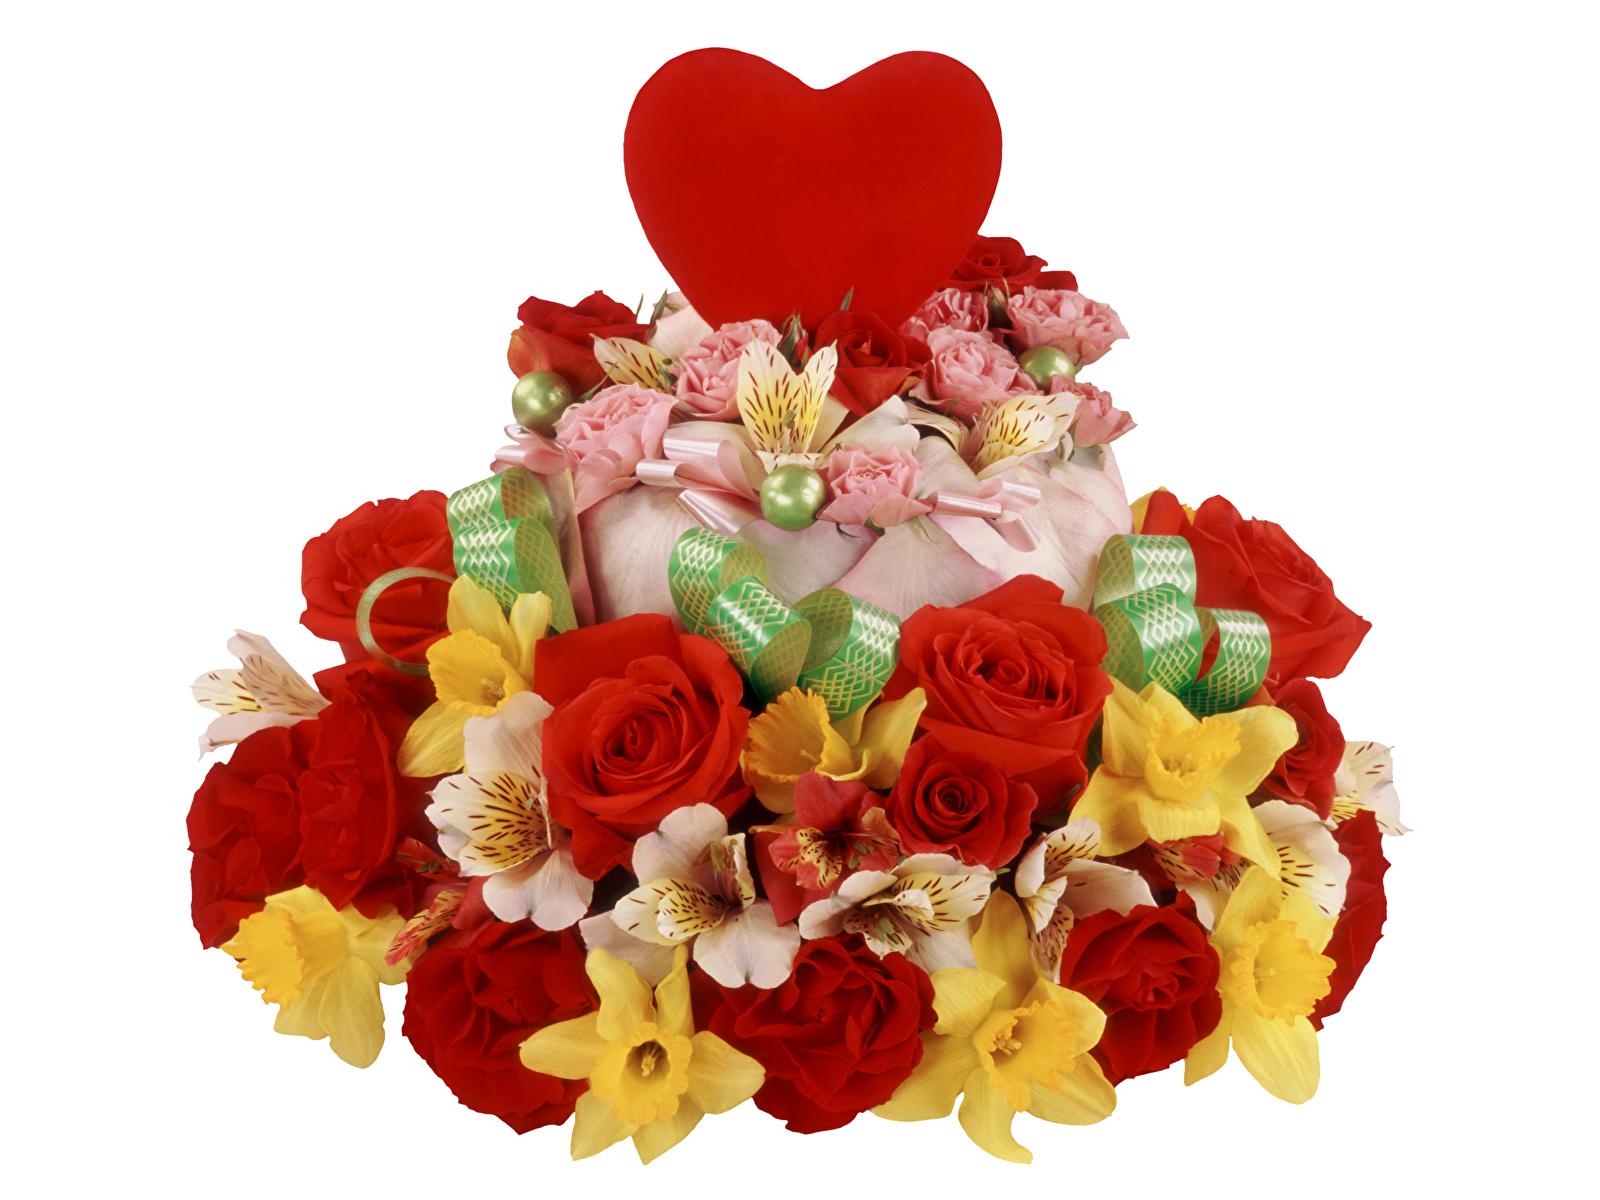 Обои День всех влюблённых Сердце Розы Торты Цветы Нарциссы Альстрёмерия Белый фон 1600x1200 День святого Валентина серце сердца сердечко